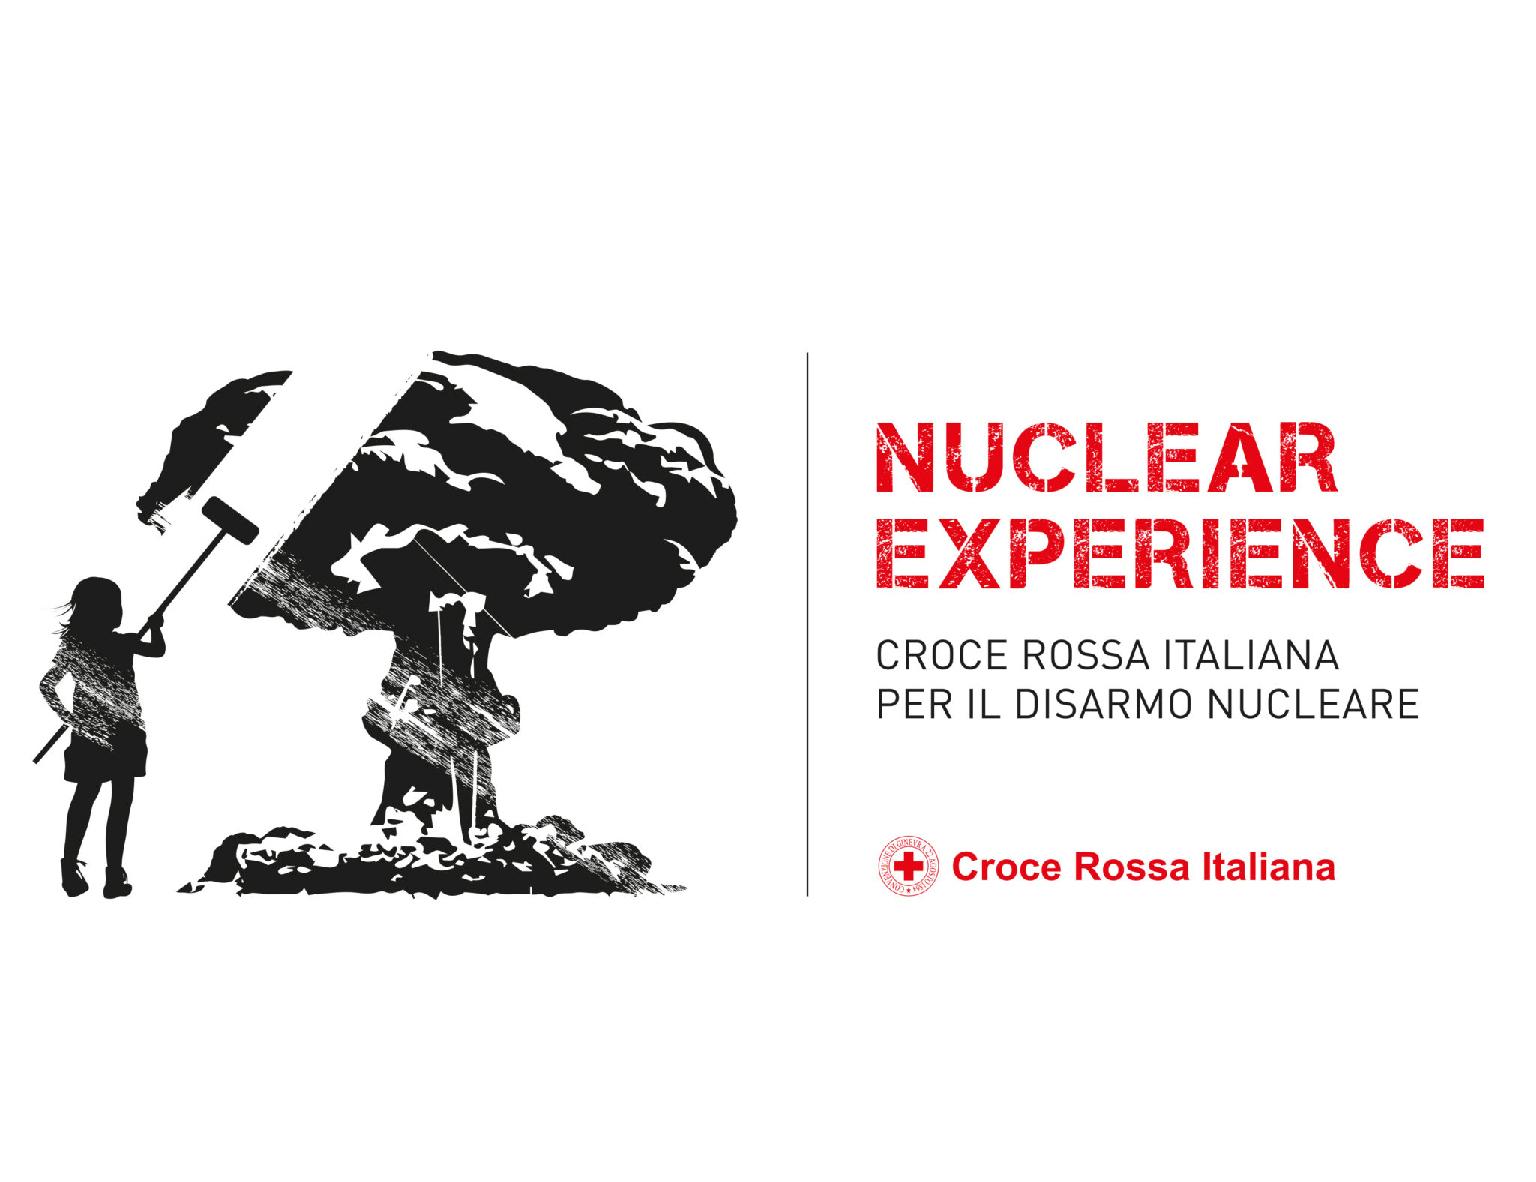 Croce_Rossa_Italiana_logo_nuclear_experience_1-1-2048×865 new-01 (1)